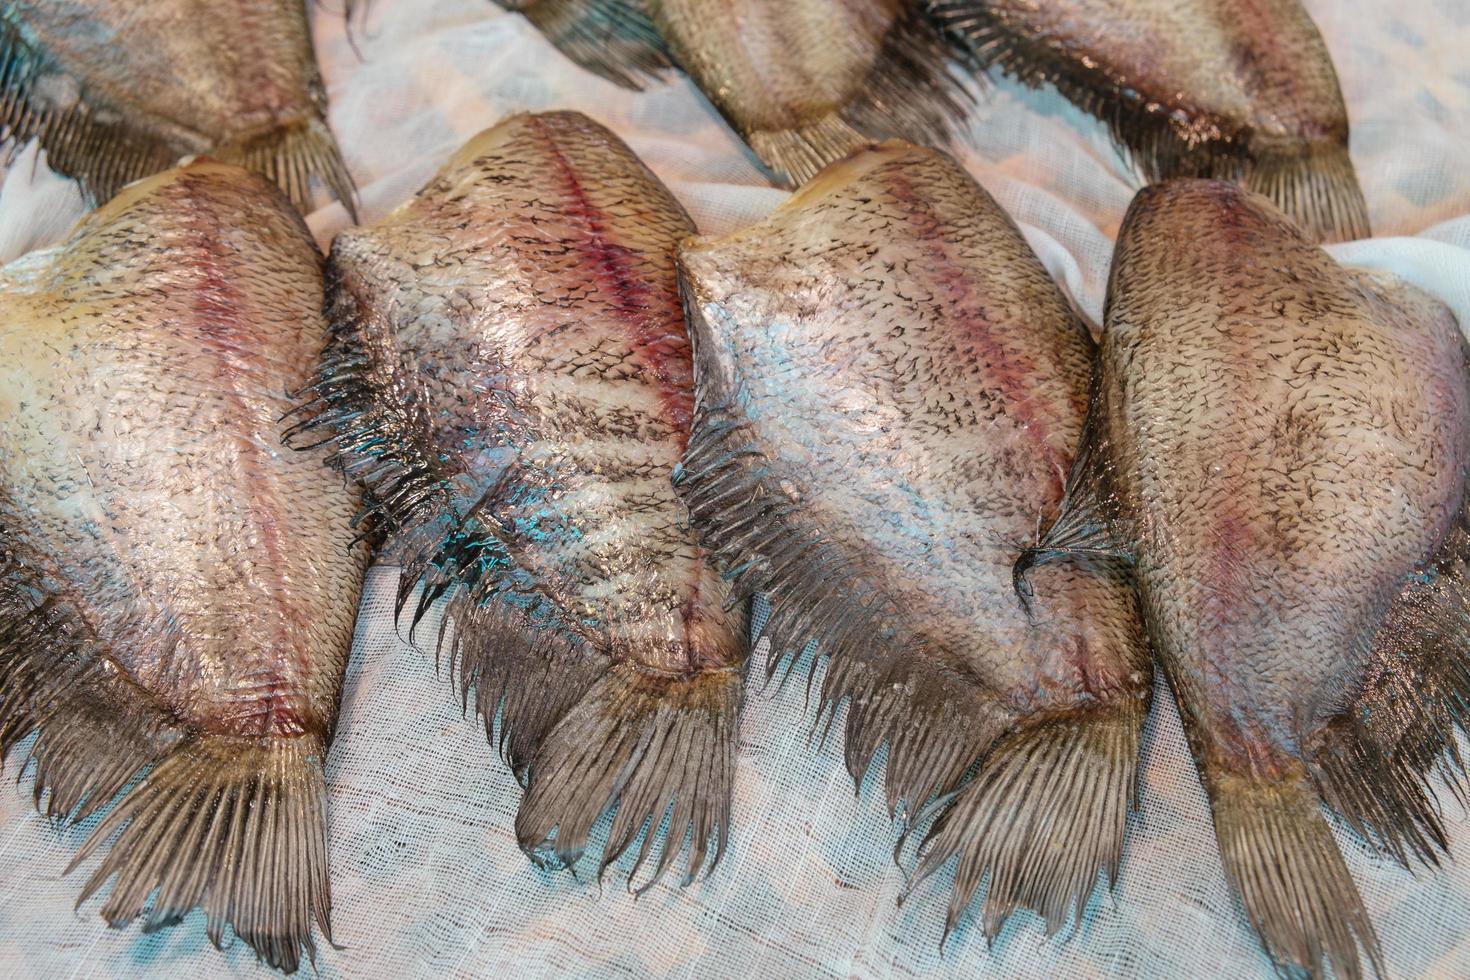 sonnengetrocknete salzige rohe Schlangenhaut-Gourami-Fische foto